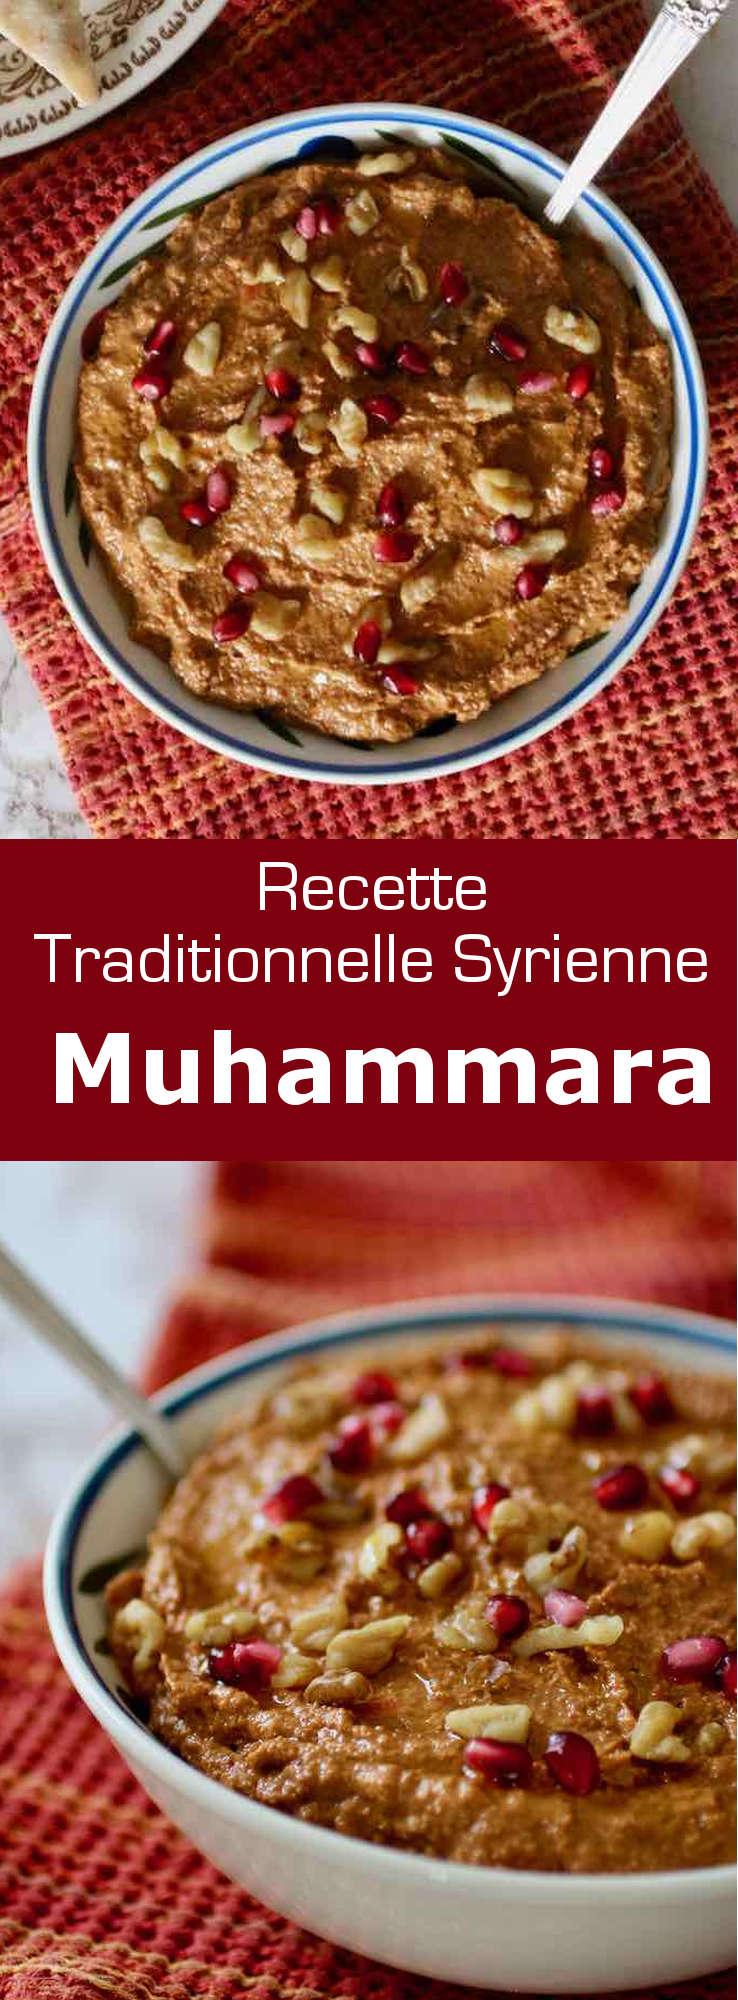 Le muhamarra est un dip épicé traditionnel syrien plein de saveurs avec du piment d'Alep, des noix et de la grenade généralement mangé avec du pain plat.